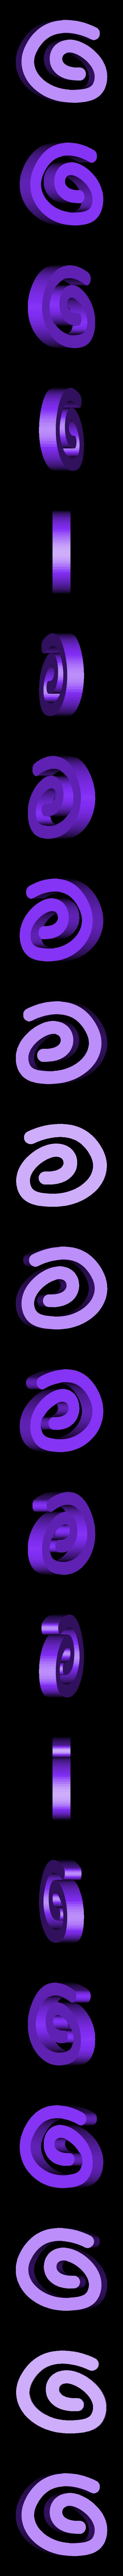 circle.stl Télécharger fichier STL gratuit small boxes with coloured insert • Plan pour impression 3D, cyrus